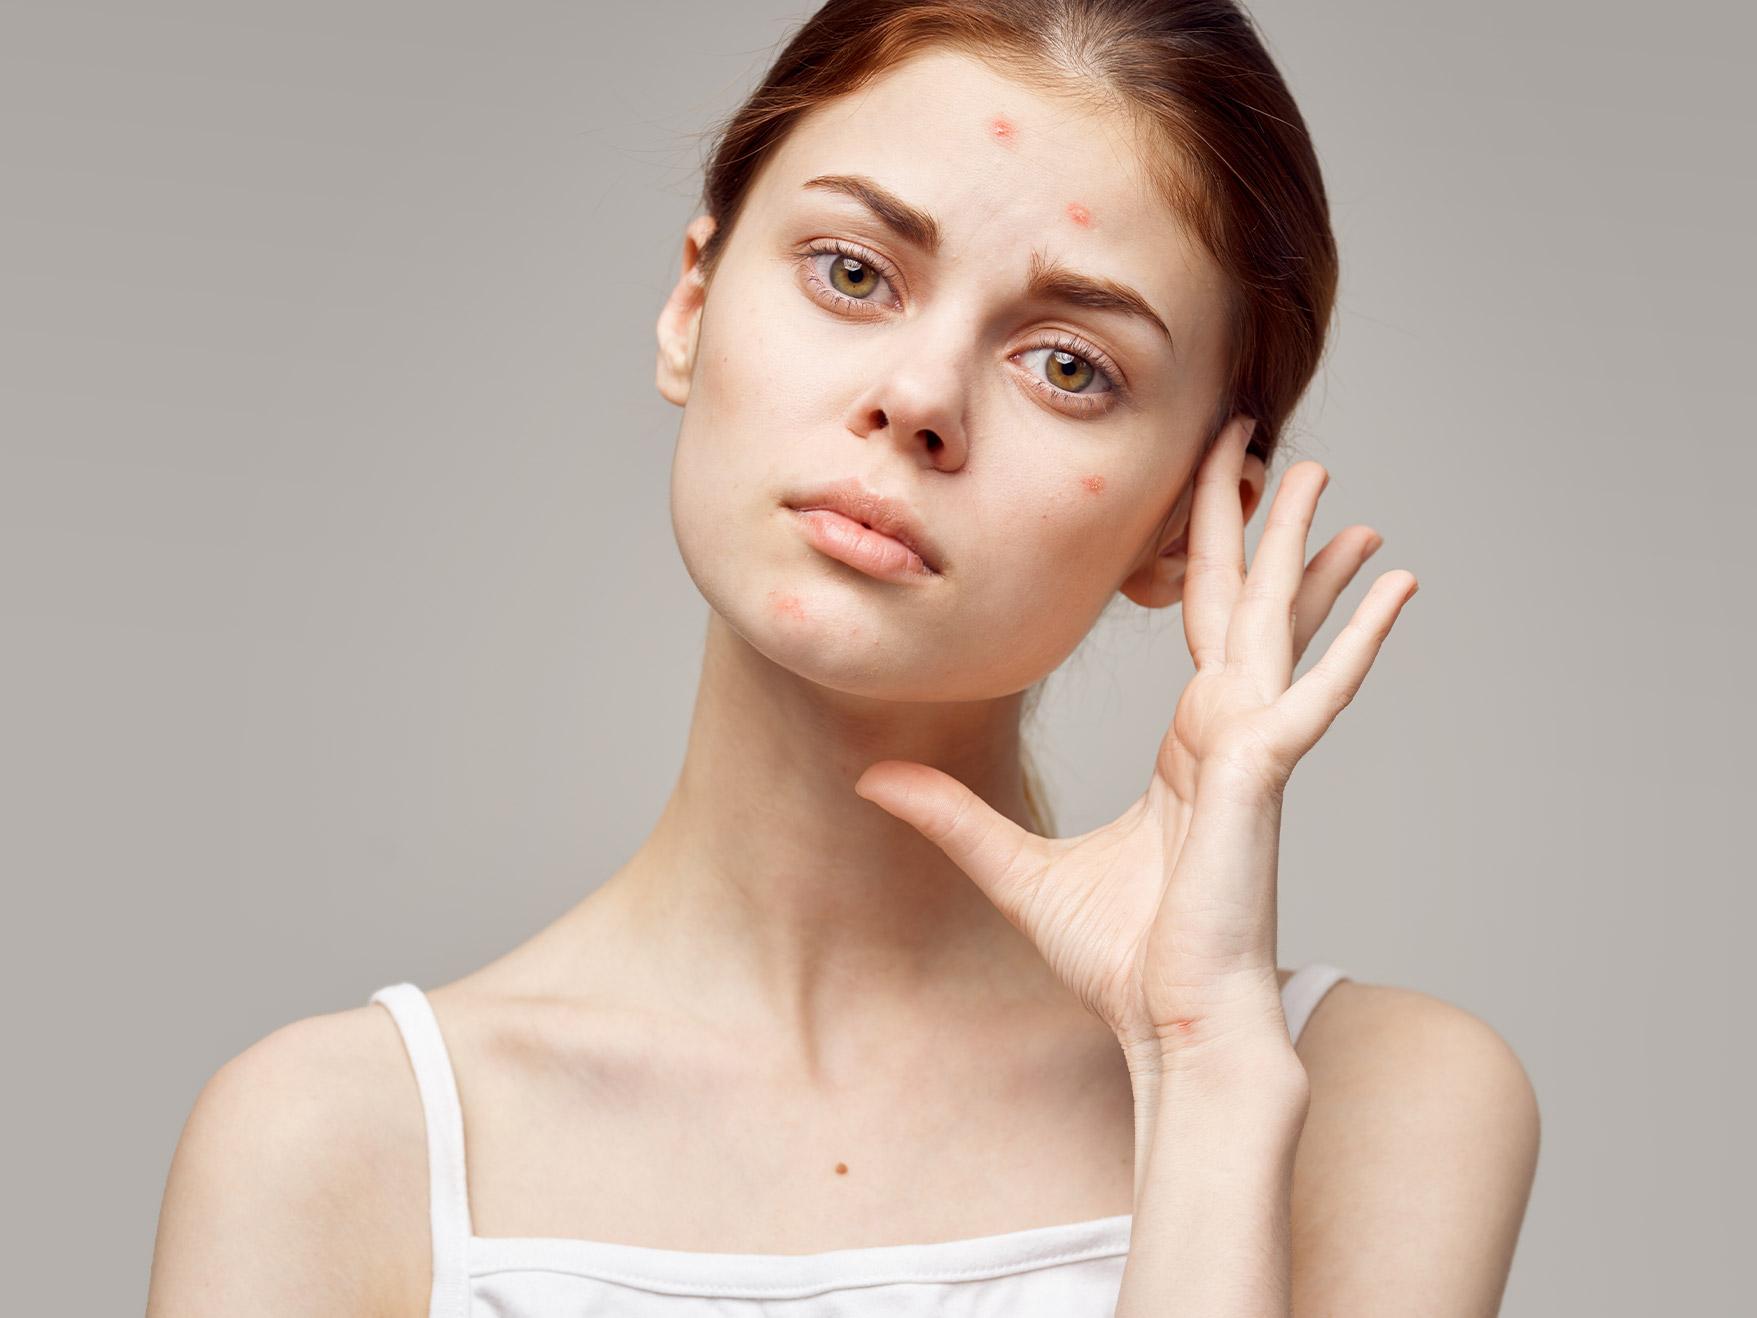 oczyszczanie skóry w zależności od rodzaju trądziku